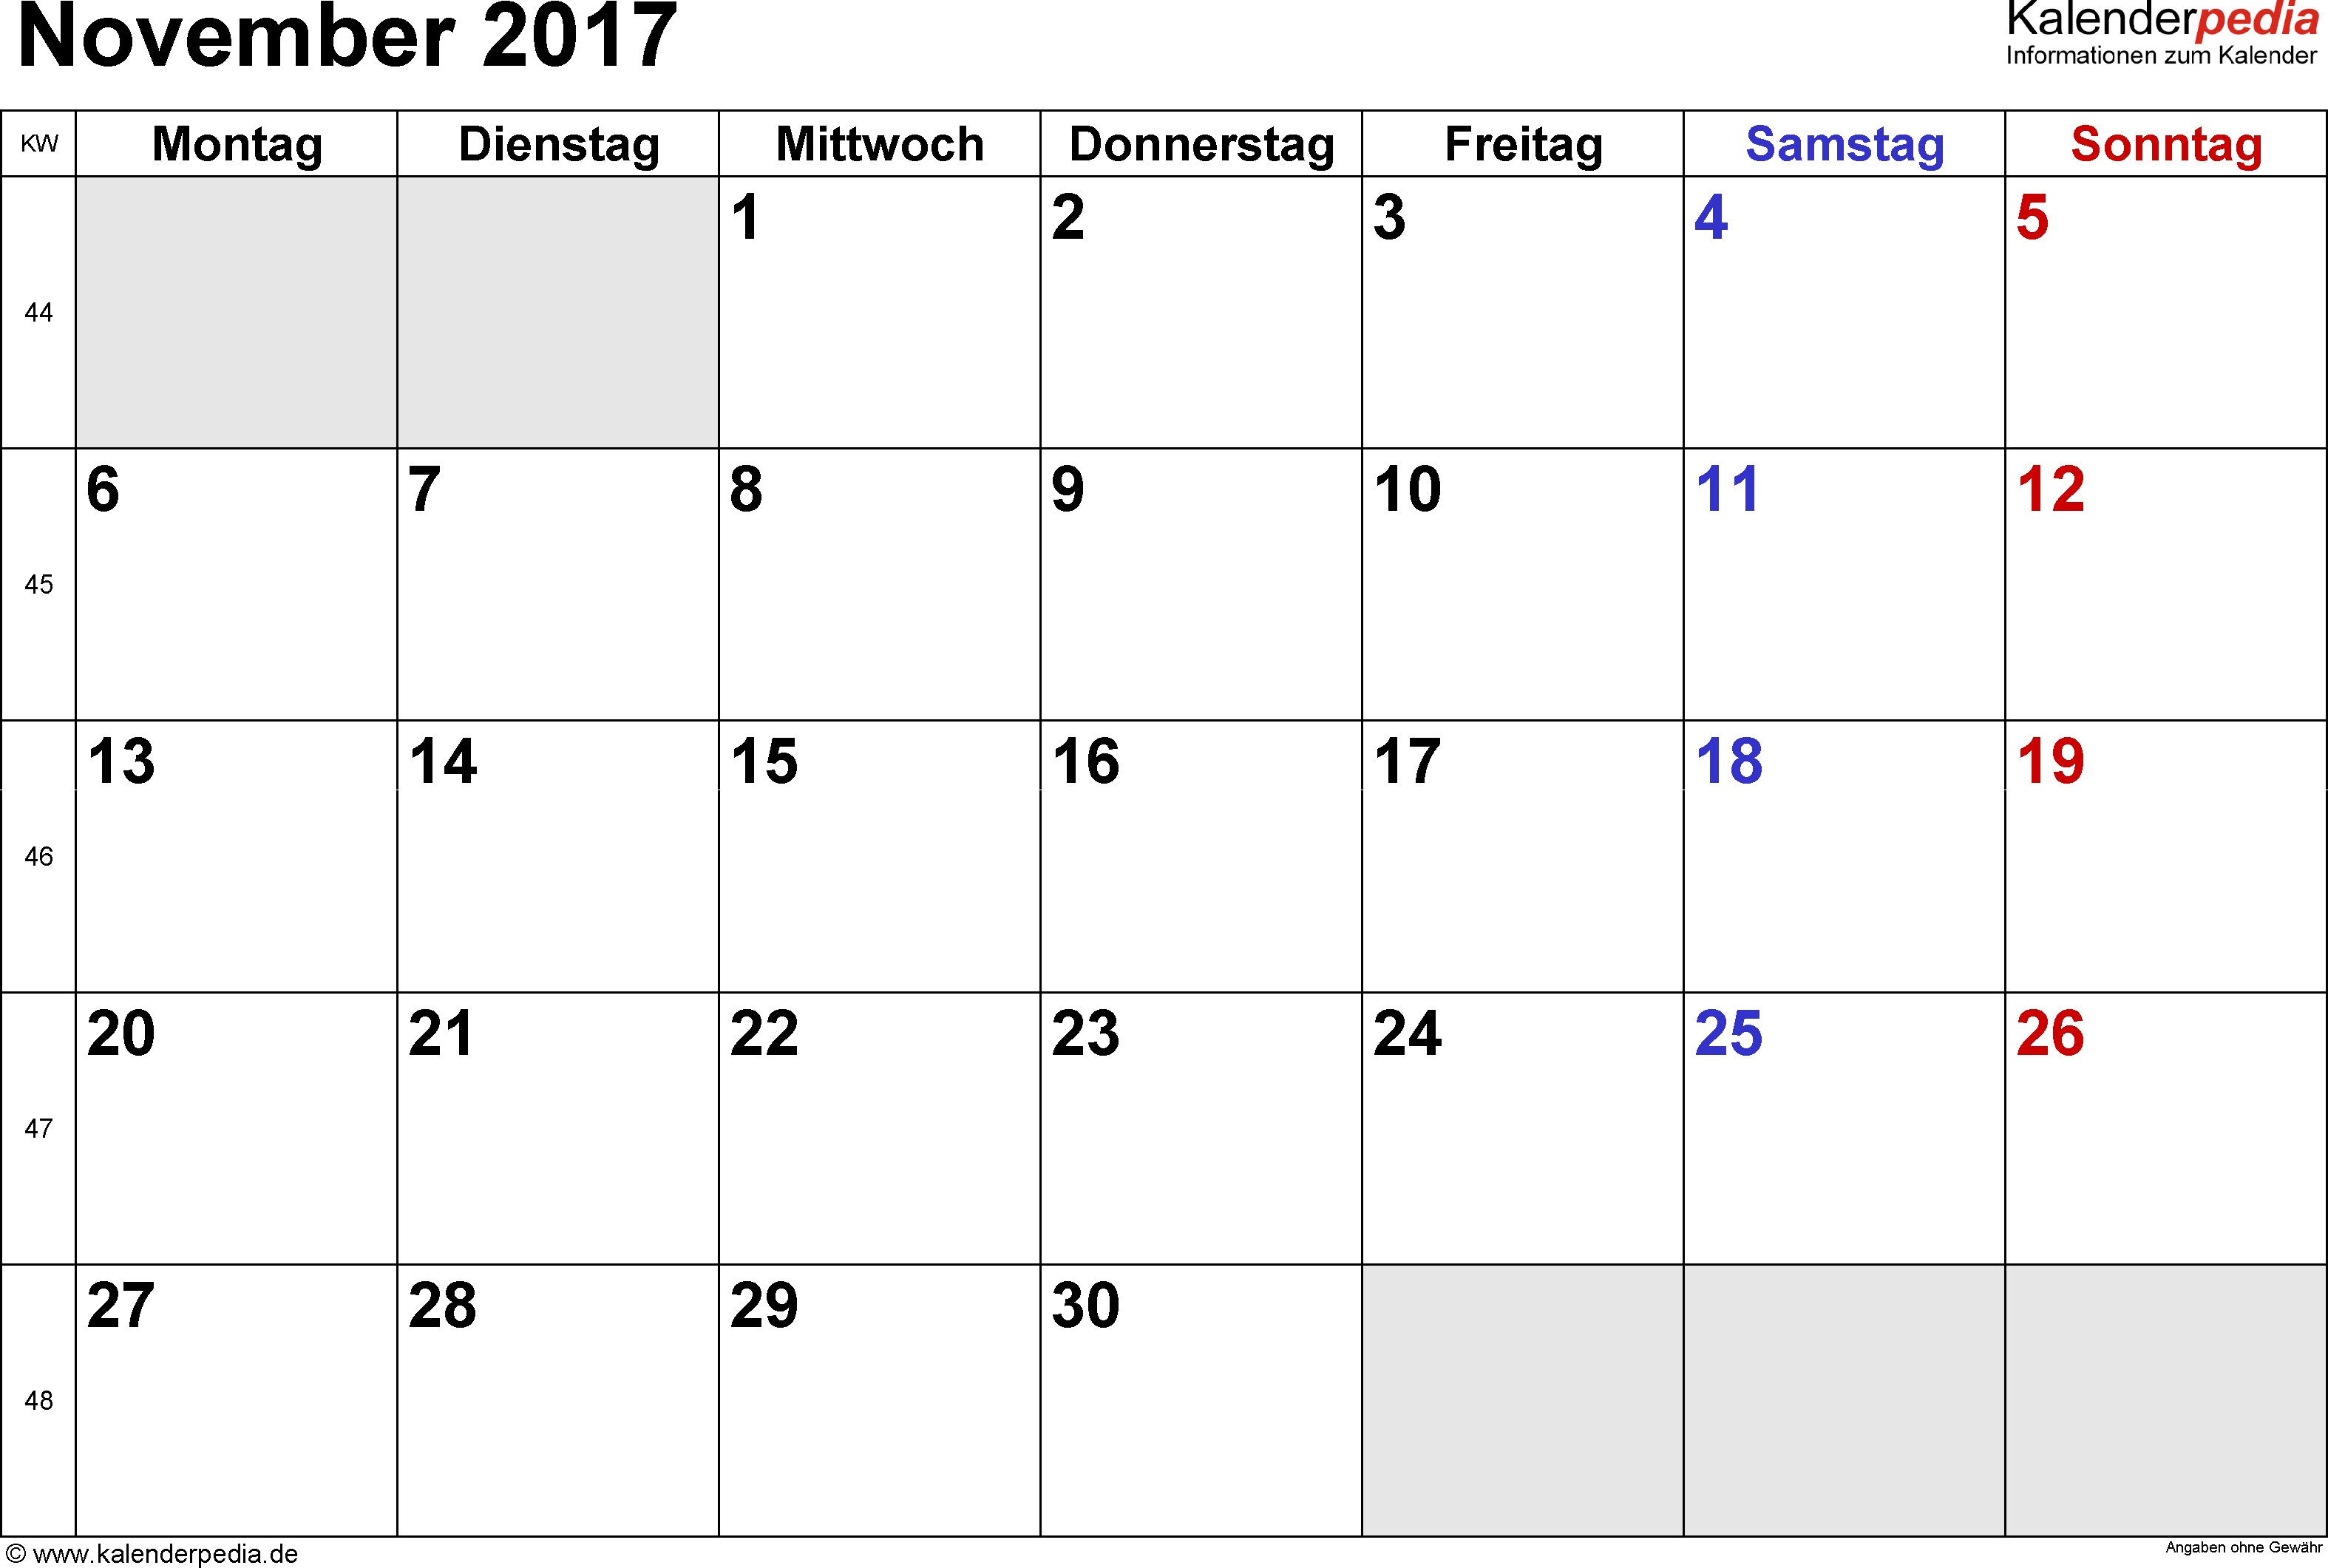 Kalender November 2017 im Querformat kleine Ziffern